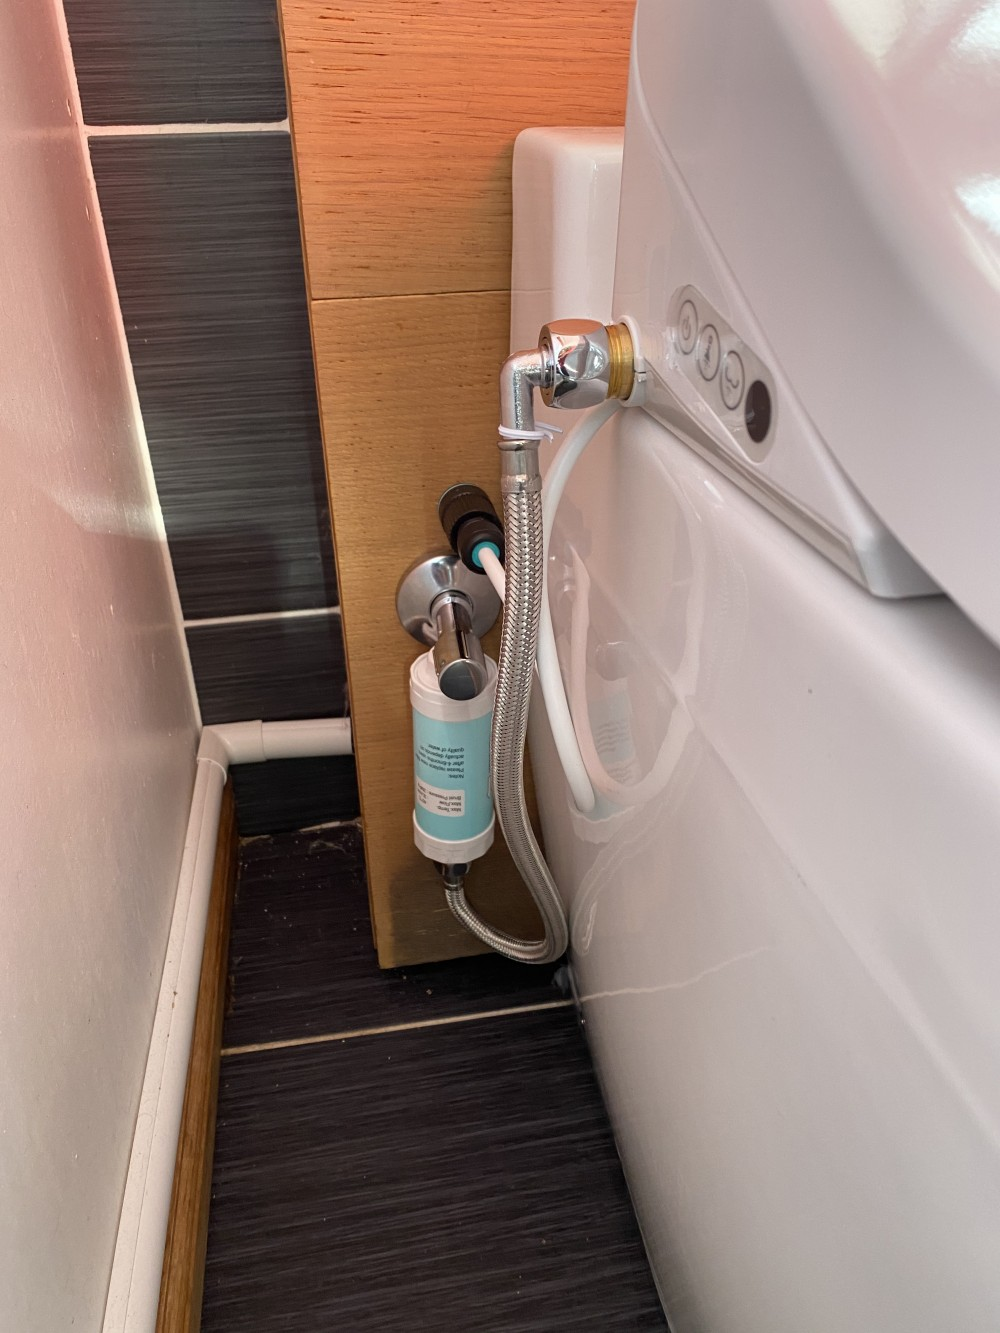 Maro D'Italia DI600 + TOTO NC CW763Y Floor-standing Rimless toilet